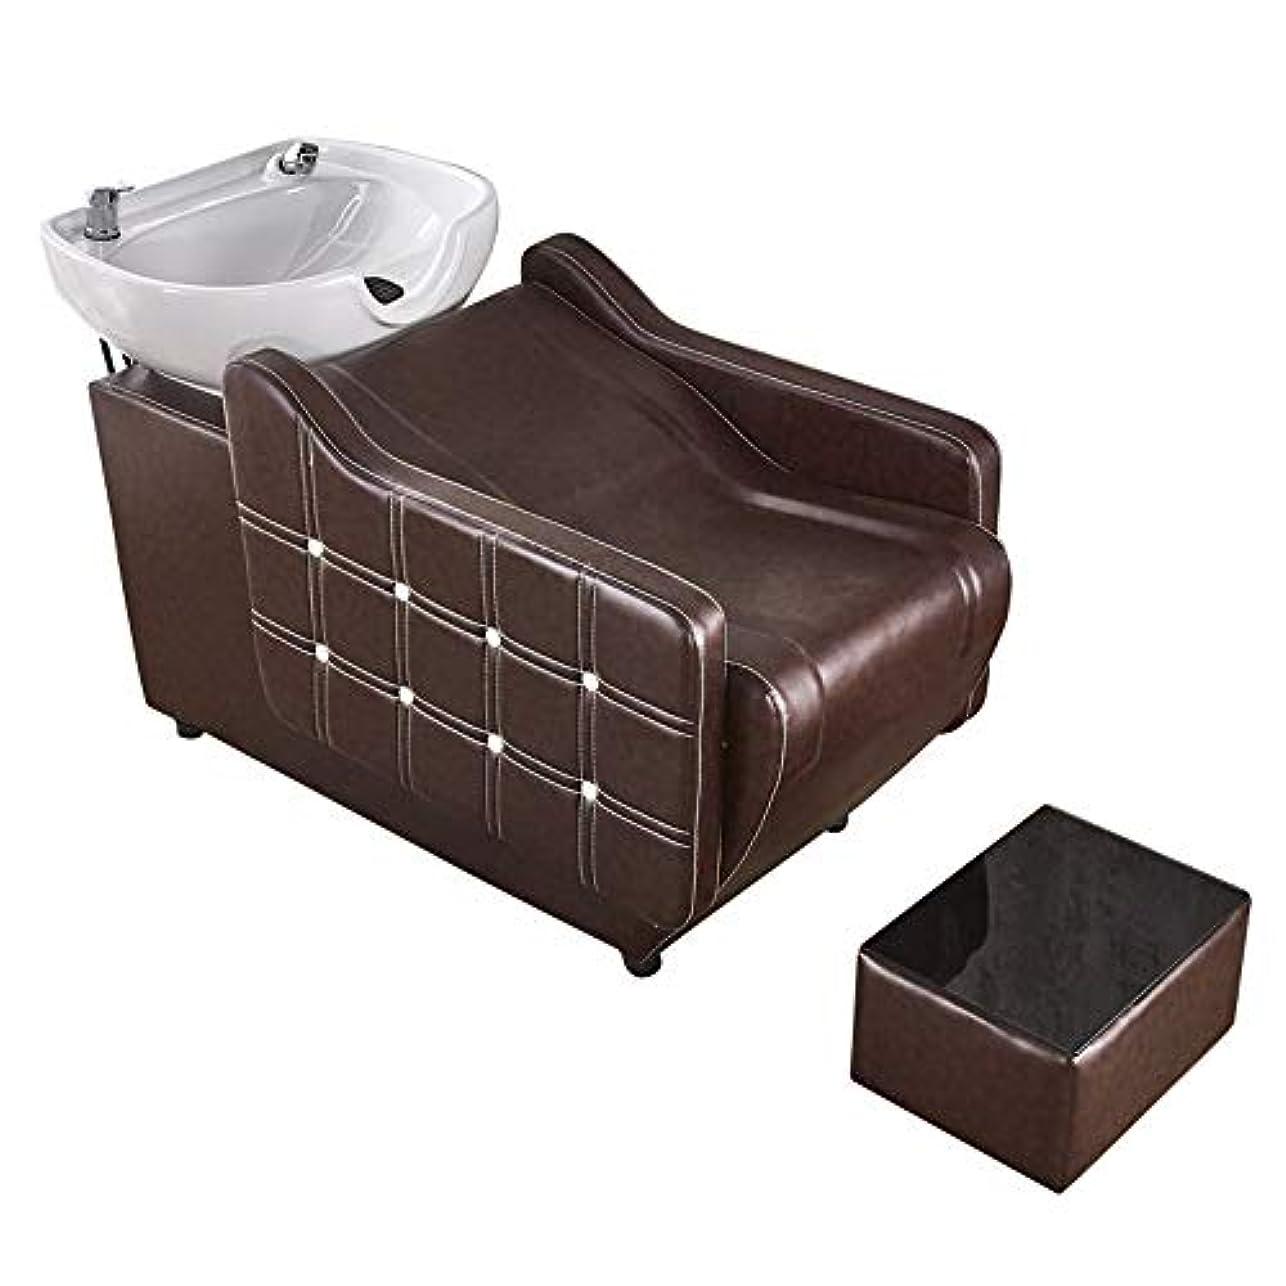 嫌がらせ風邪をひくマンハッタンシャンプーチェア、理髪店の逆洗ユニットシャンプーボウル理髪シンクの椅子用スパ美容院